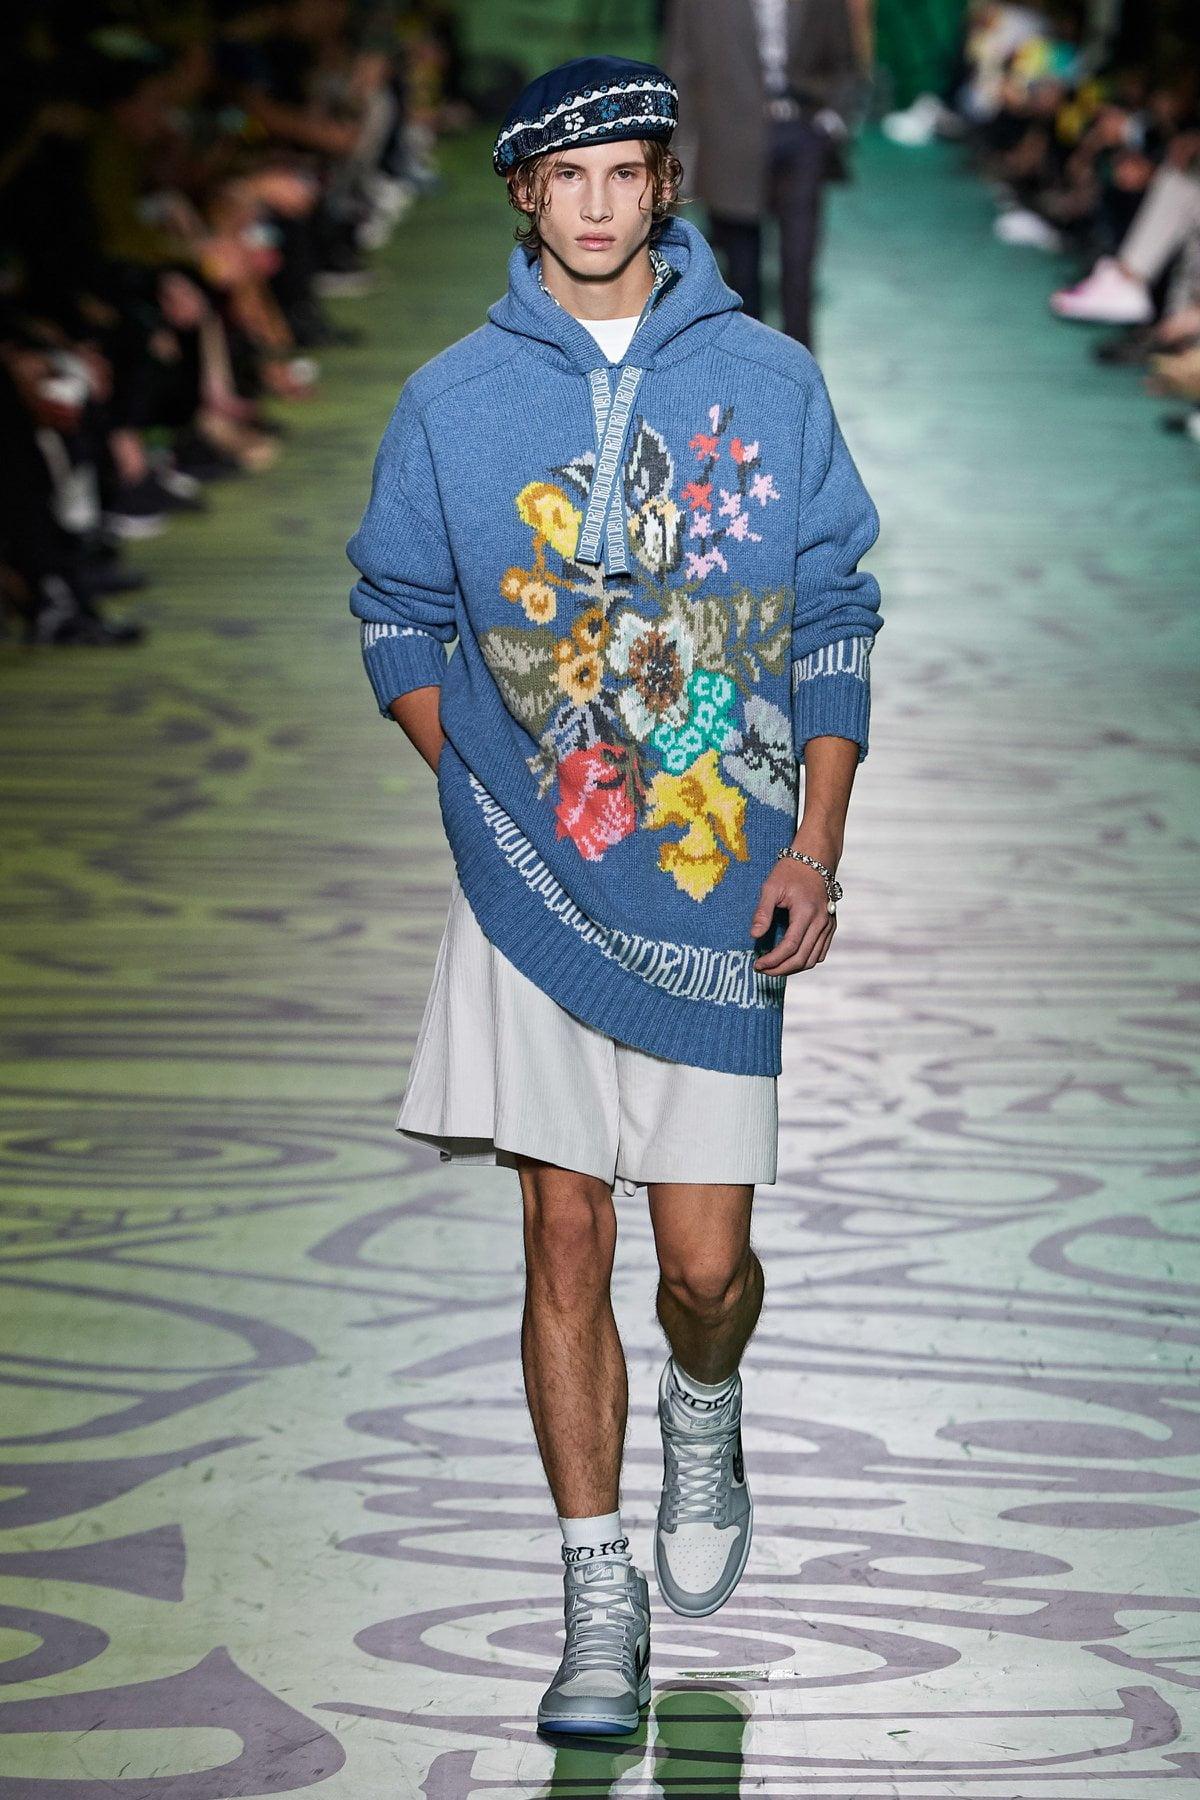 Dior muốn đánh gục cả thế giới với dòng thời trang nam đầy nhục cảm 11